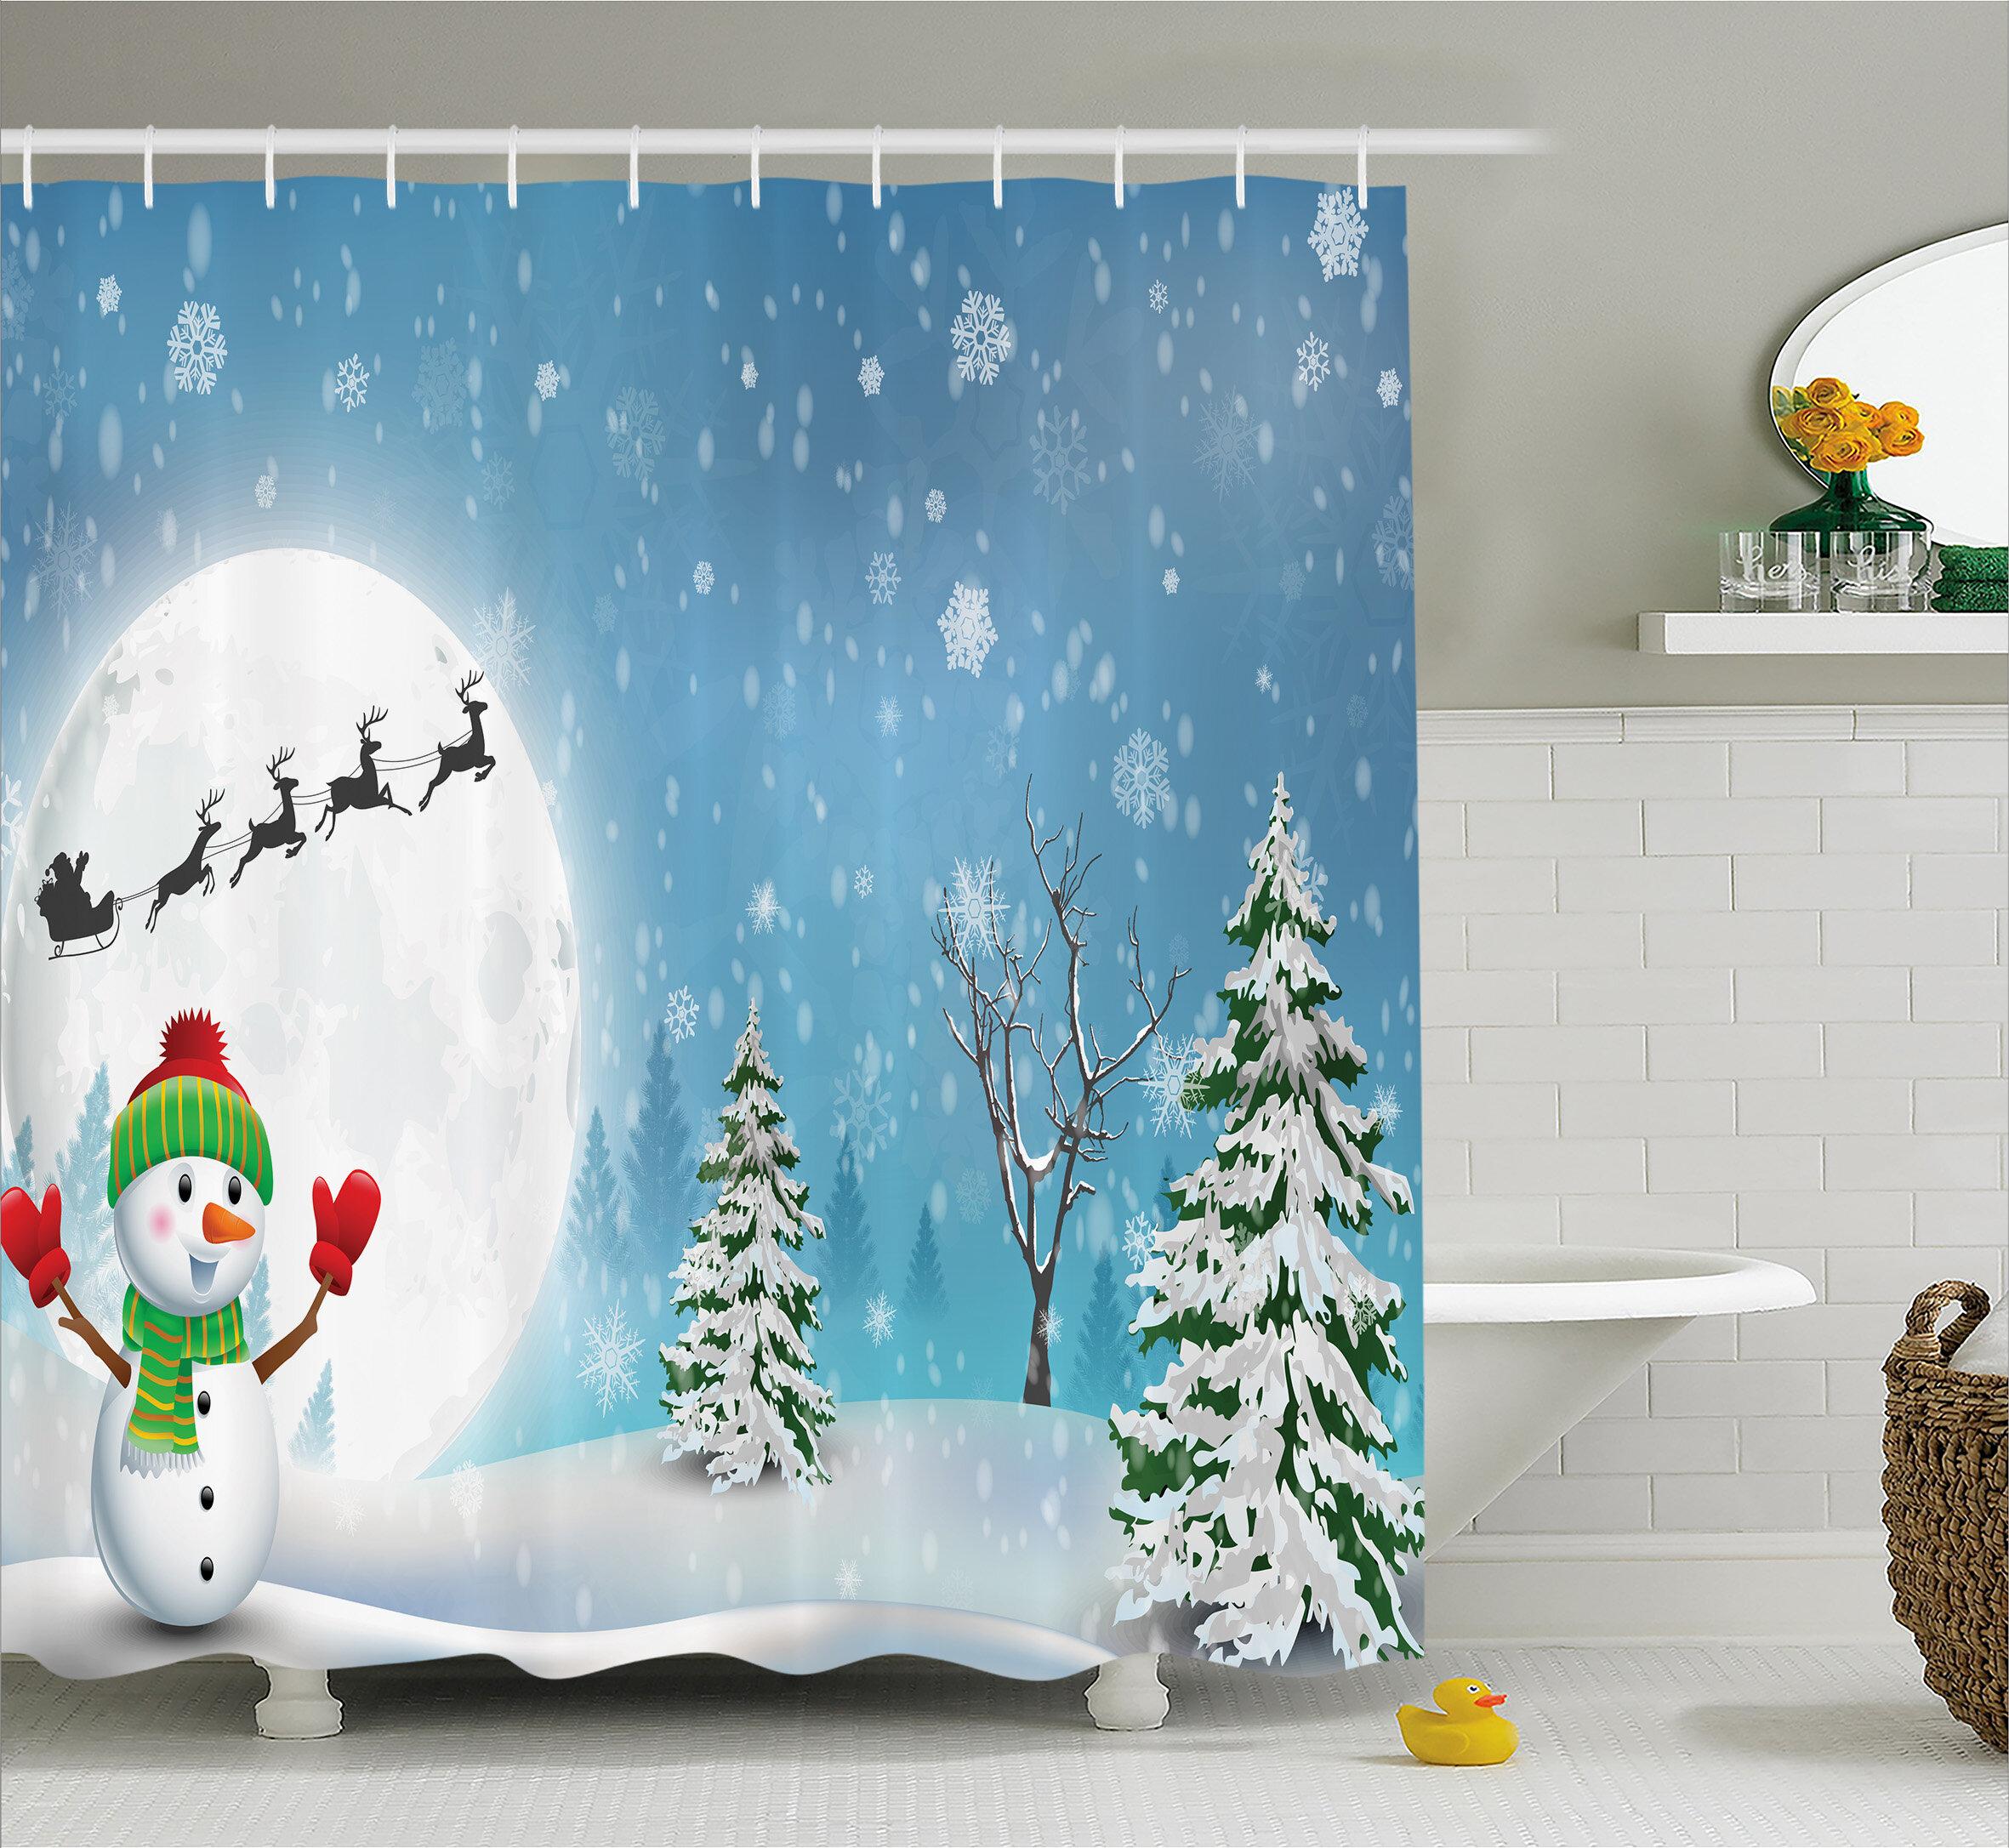 The Holiday Aisle Christmas Jolly Snowman Santa Shower Curtain